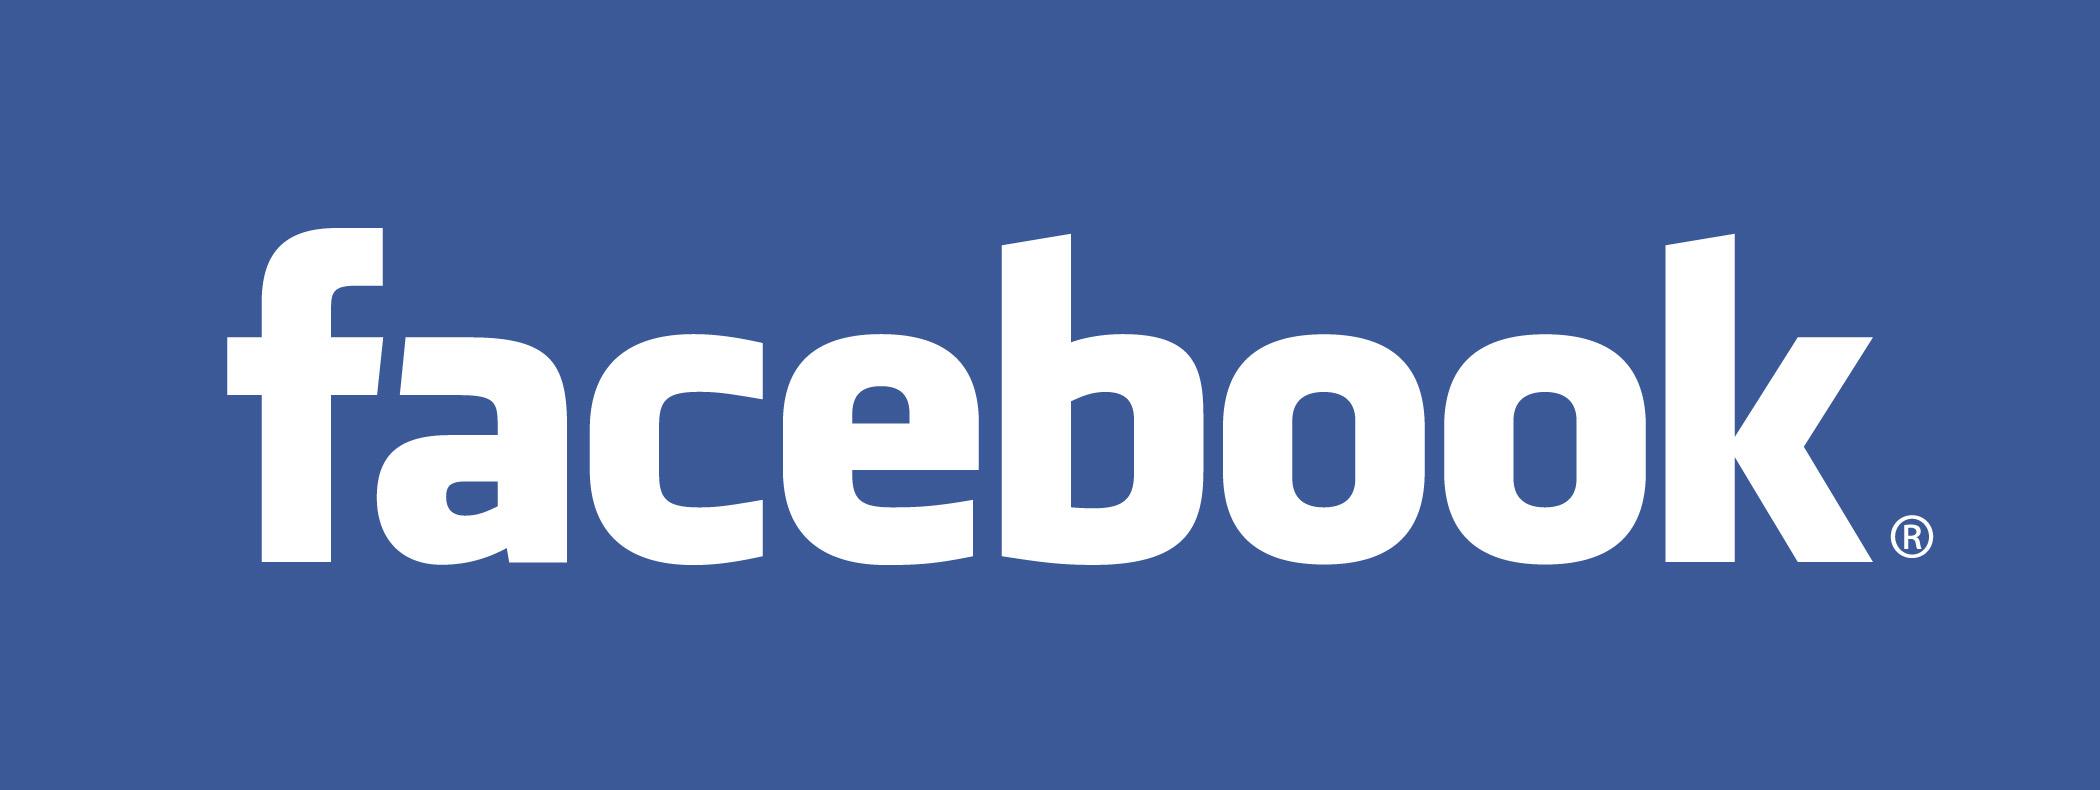 Facebook Cibela o.s.